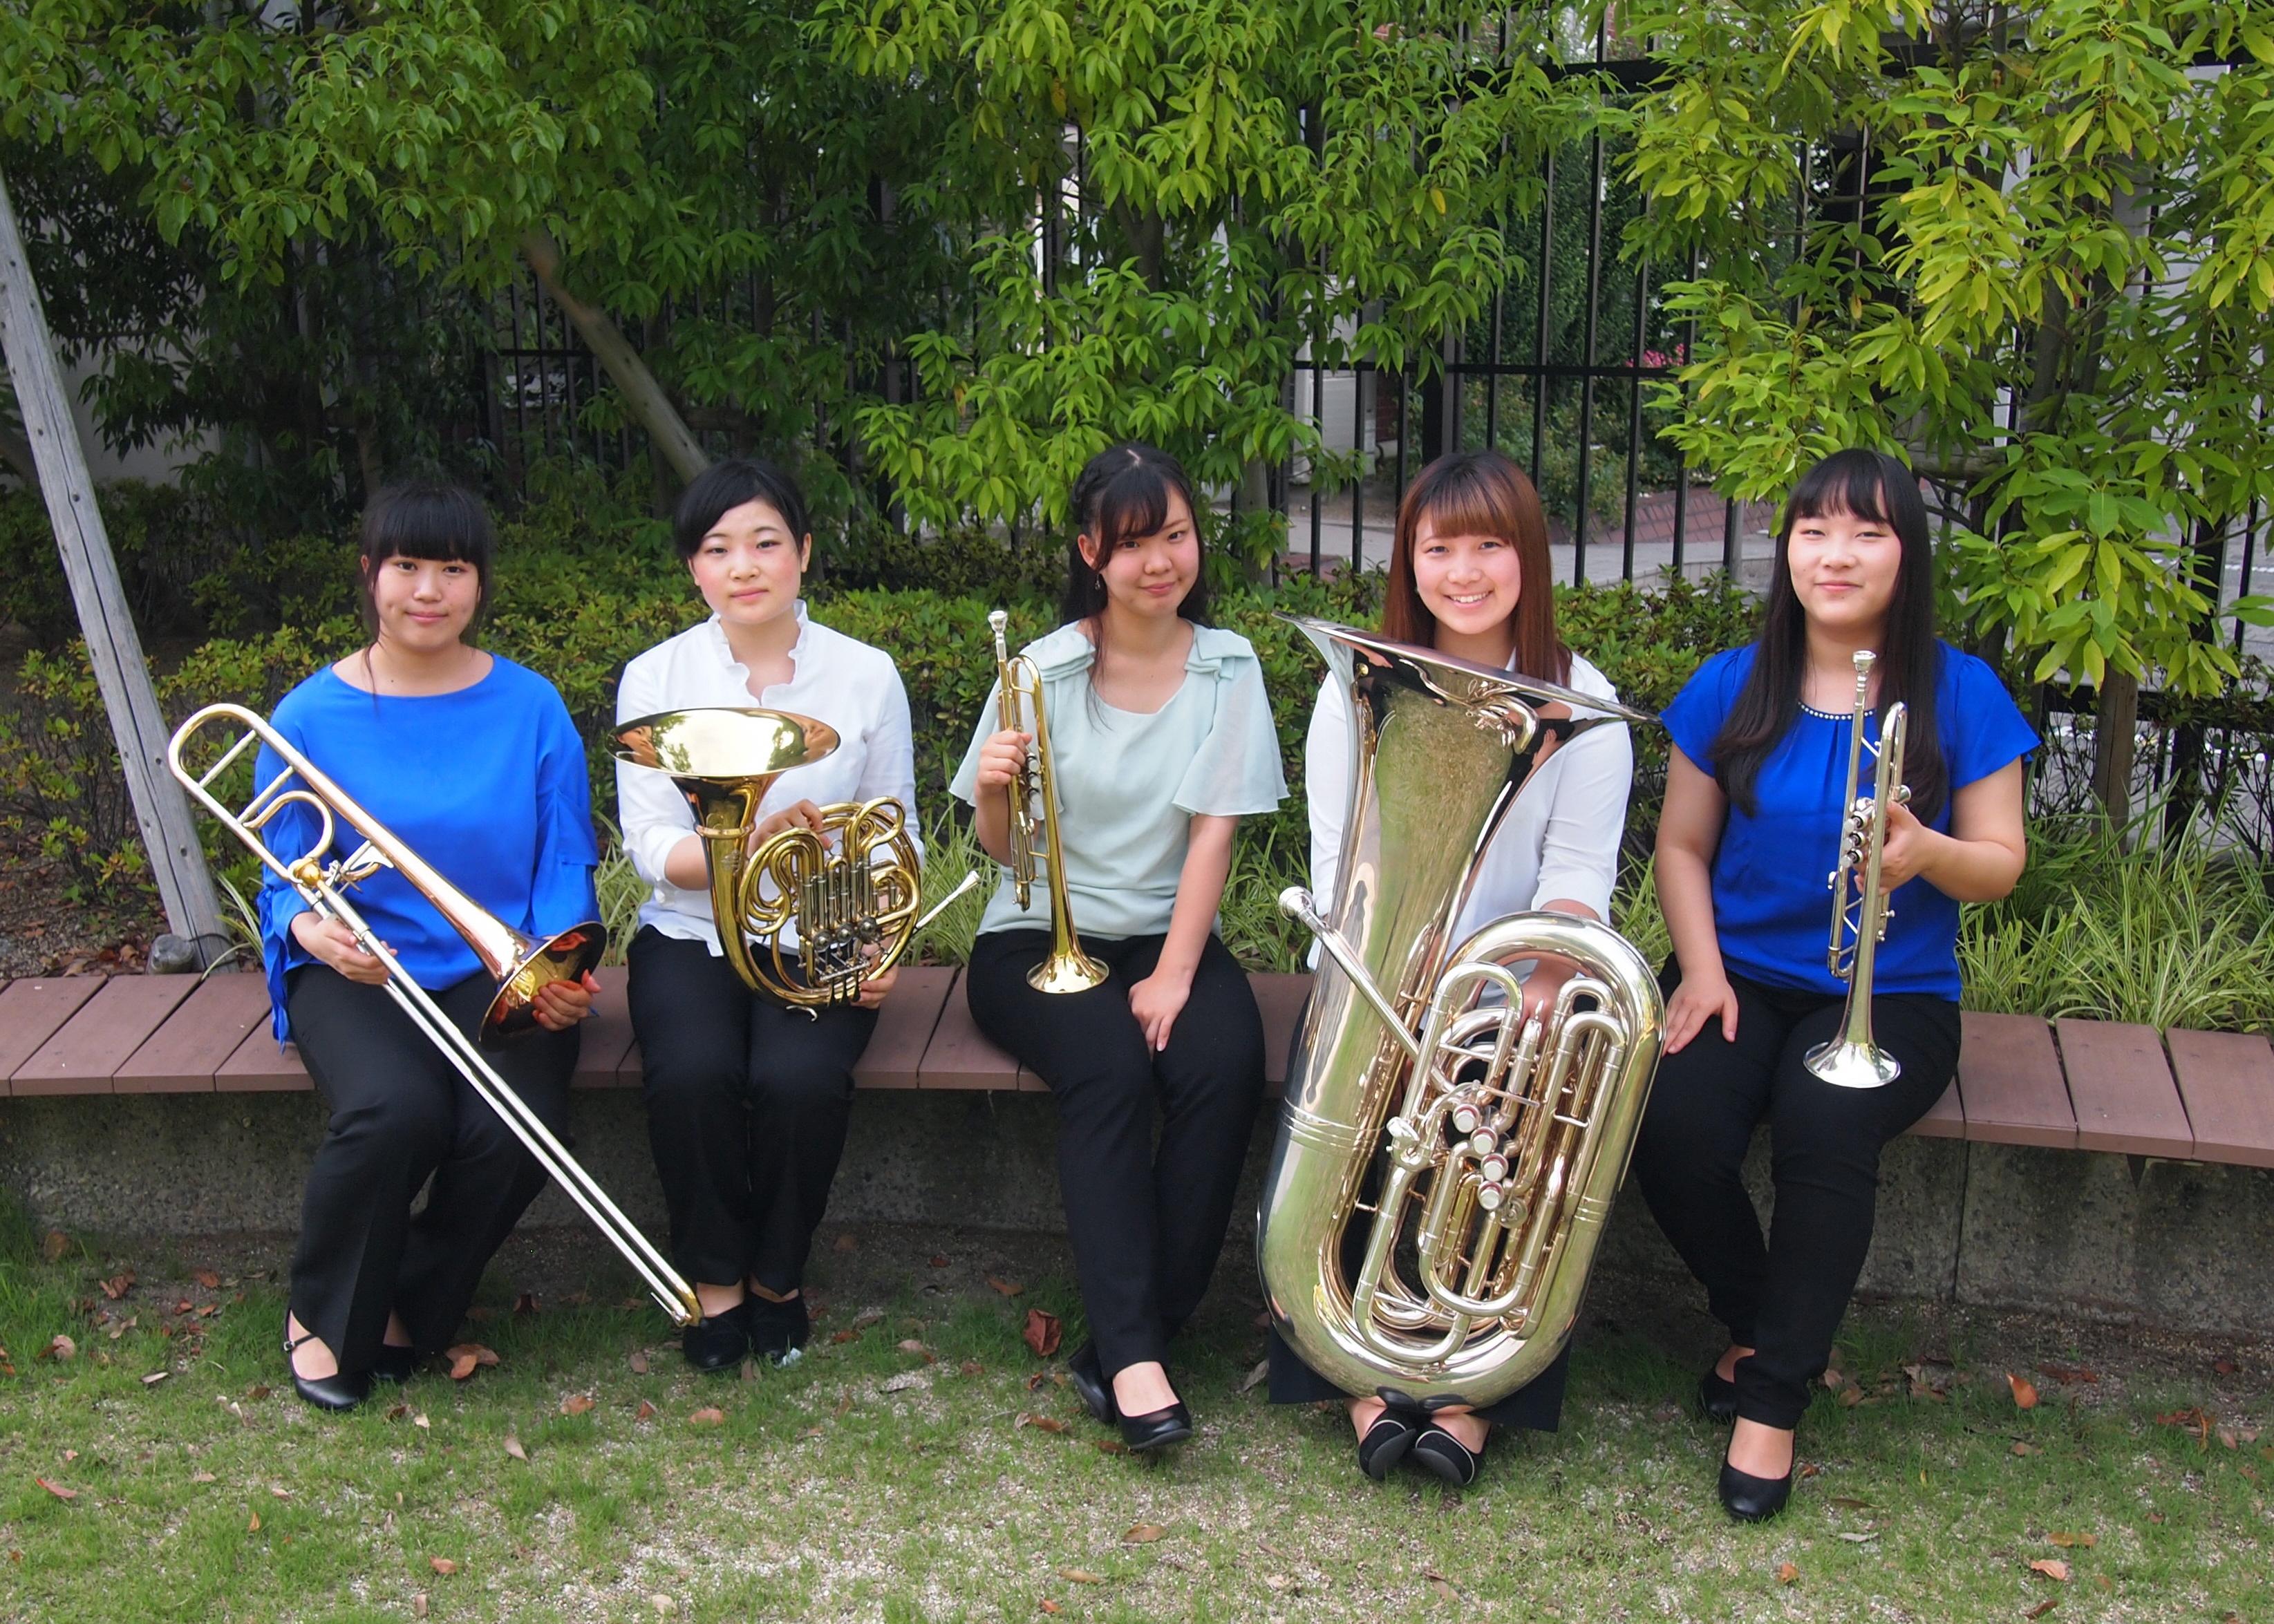 名古屋音楽大学 × 水族館 ブラスコンサート